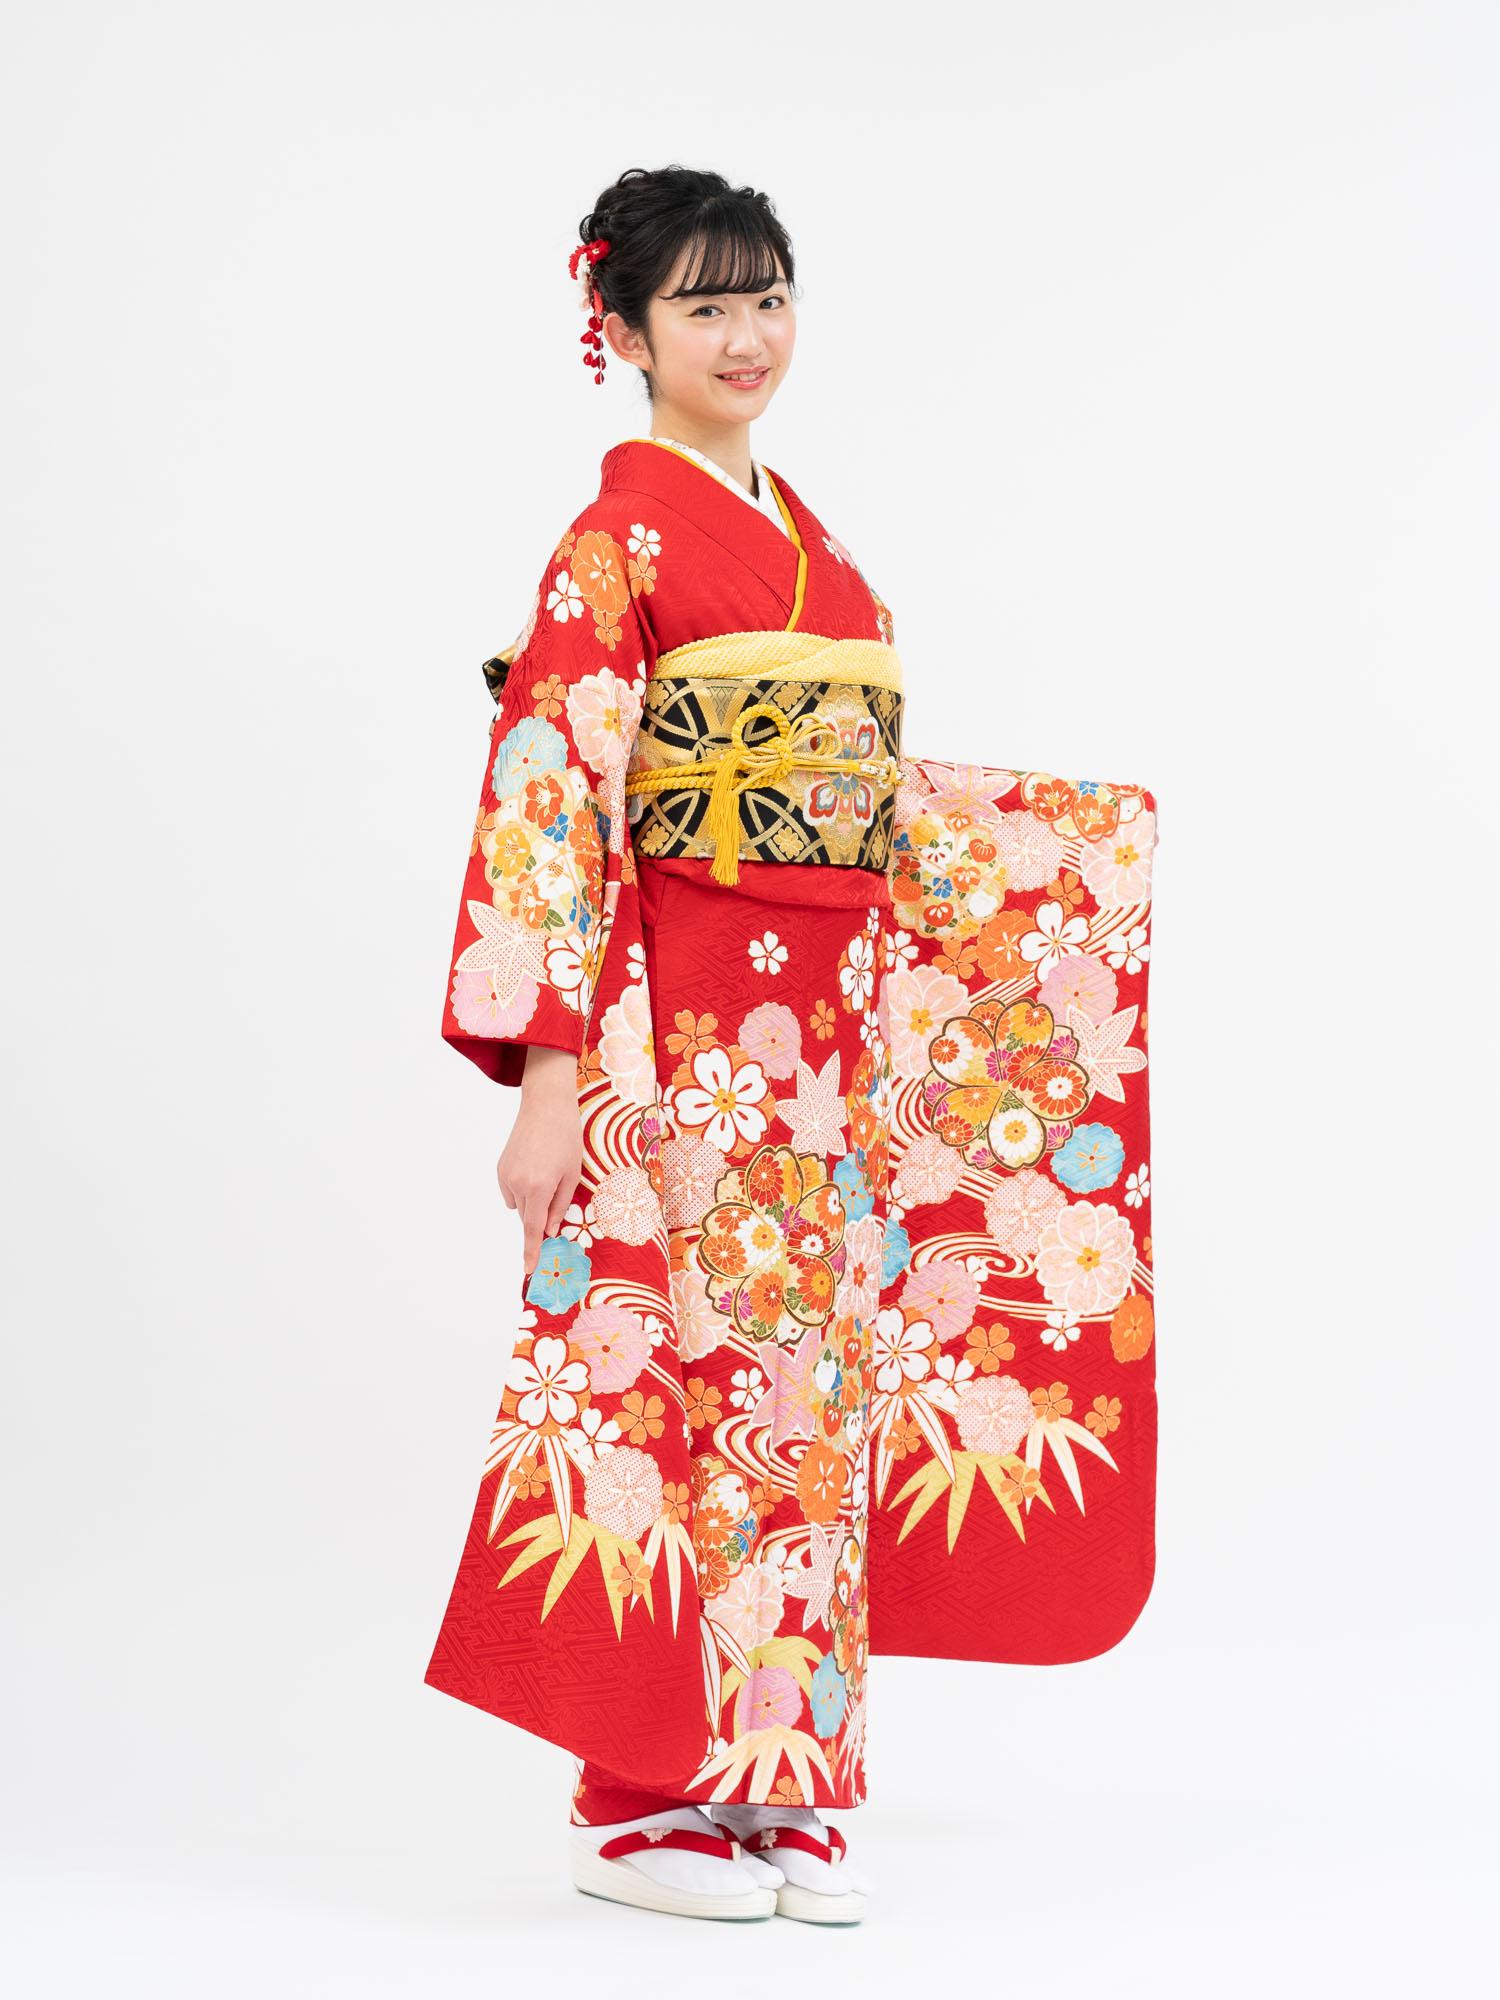 【赤色の高級振袖レンタル】松竹梅と花尽くし柄 Mサイズ 品番K-50